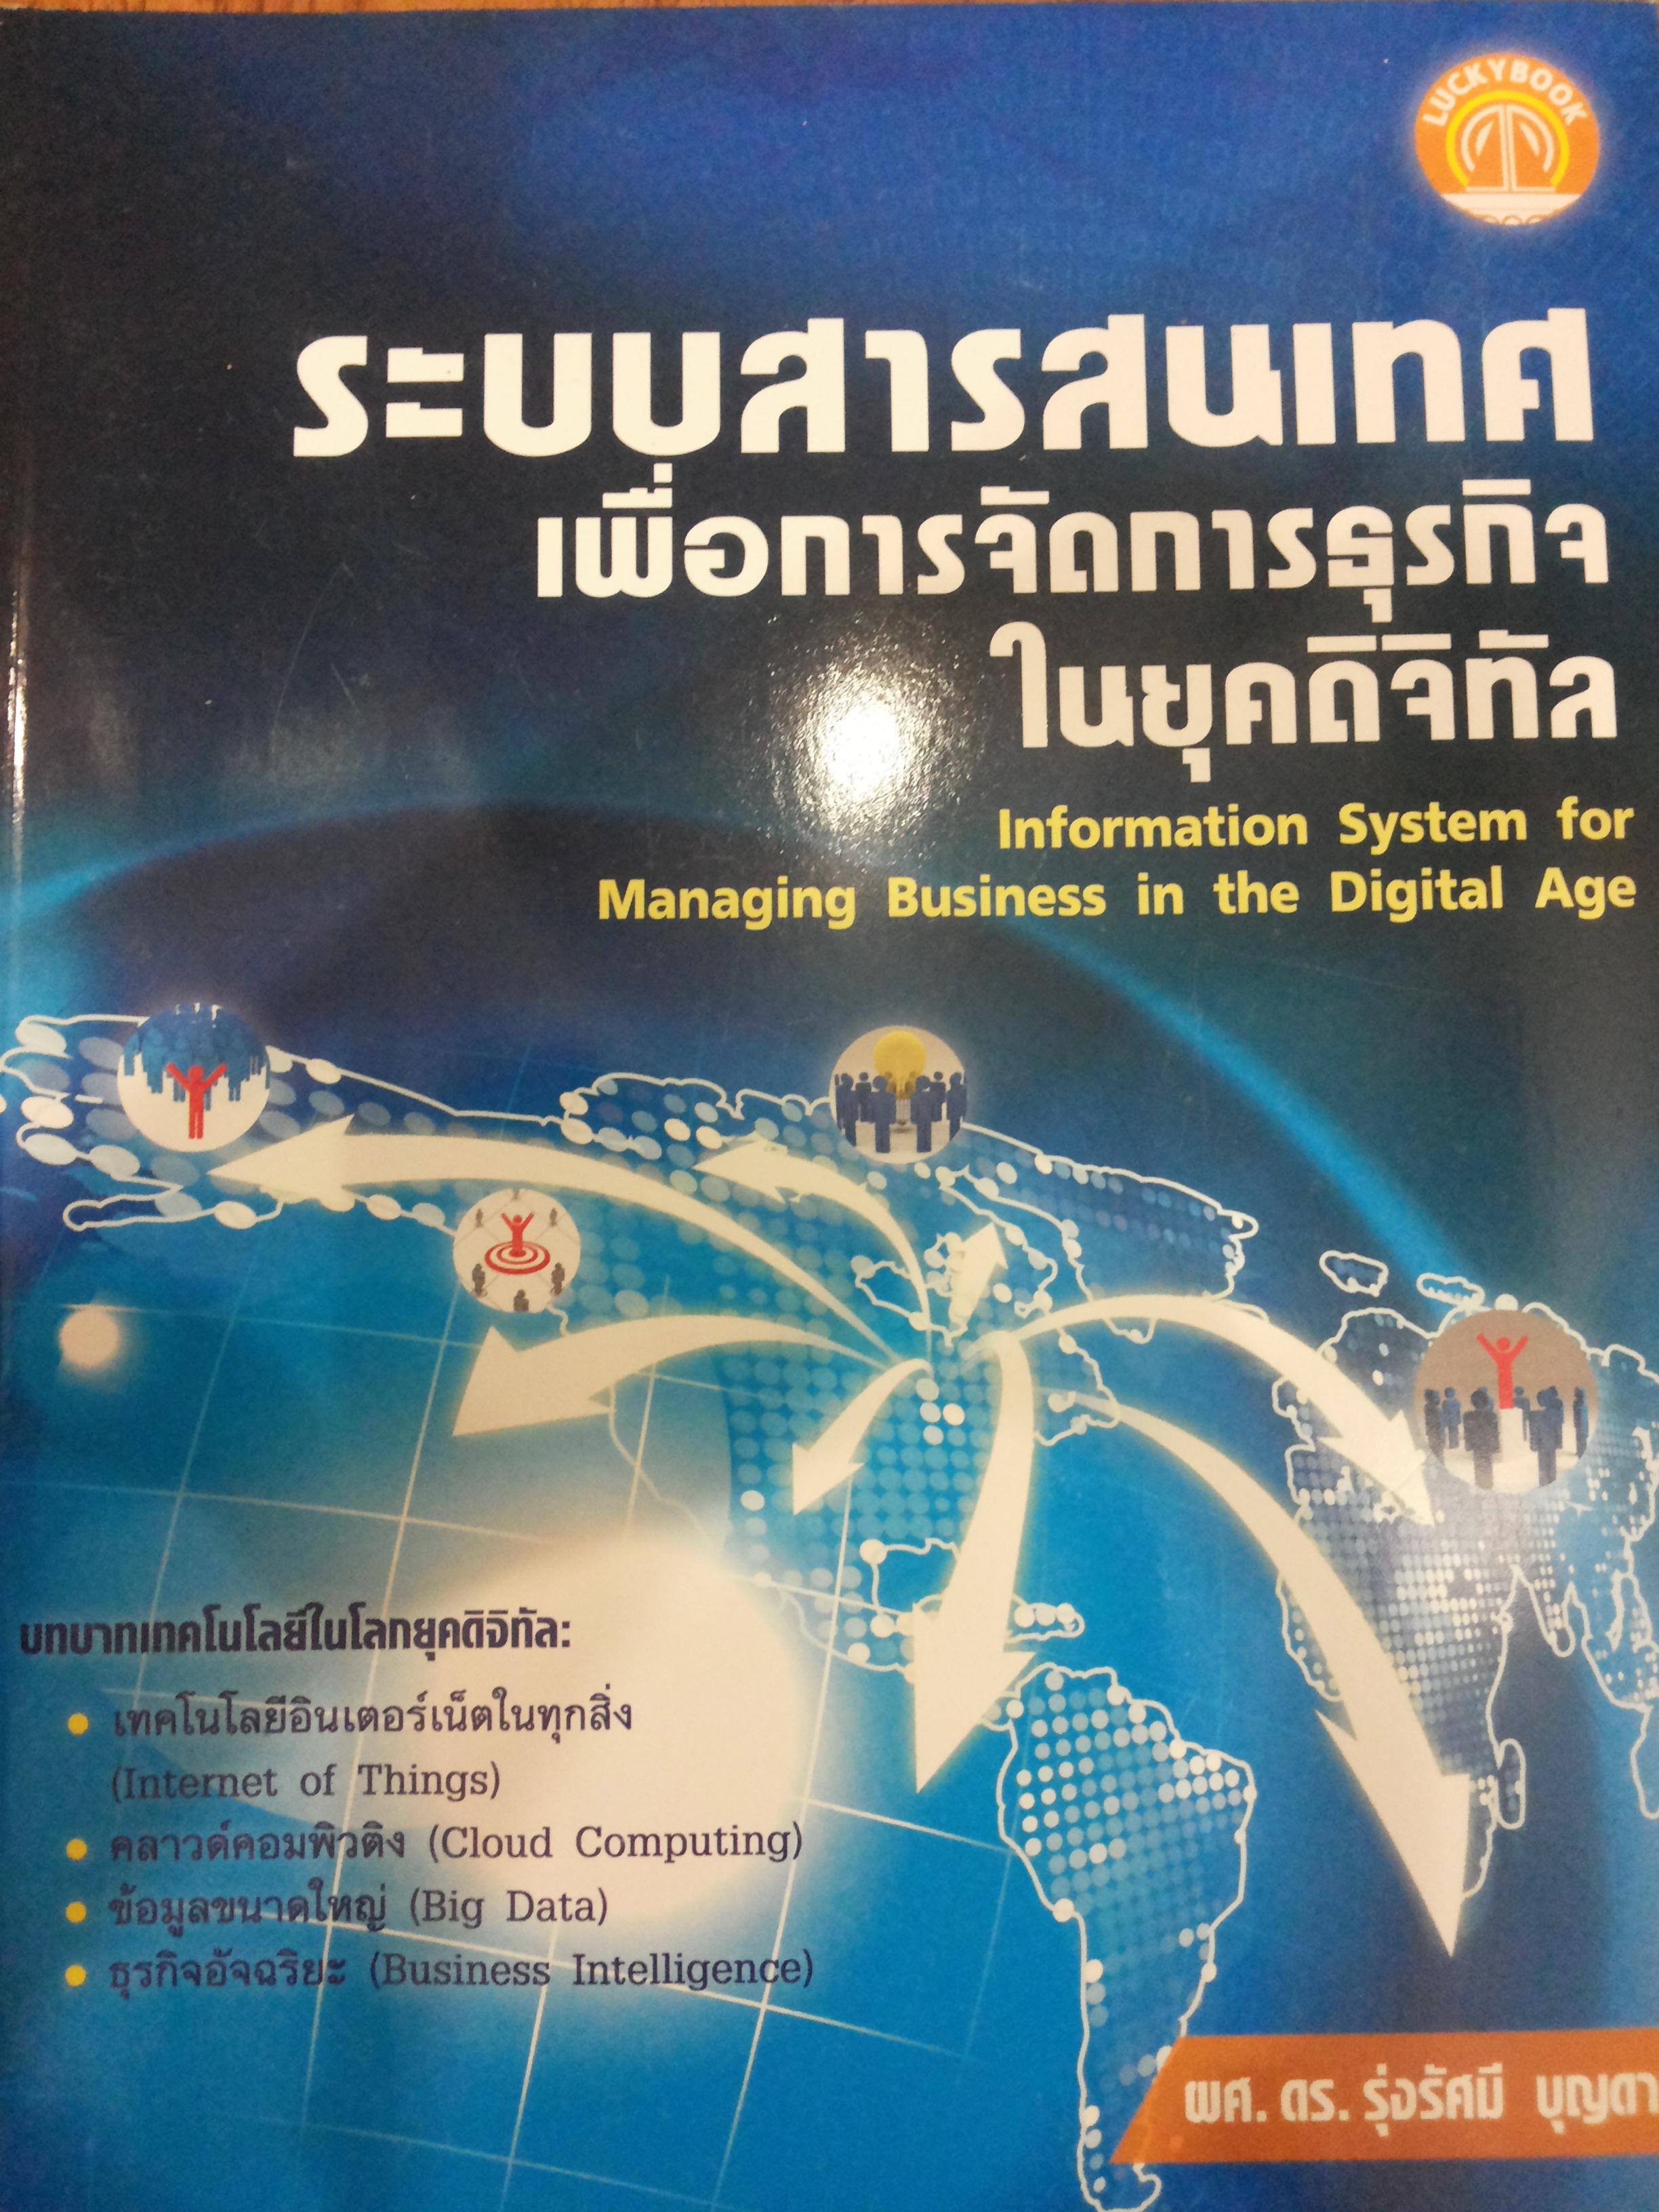 ระบบสารสนเทศเพื่อการจัดการธุรกิจในยุคดิจิทัล